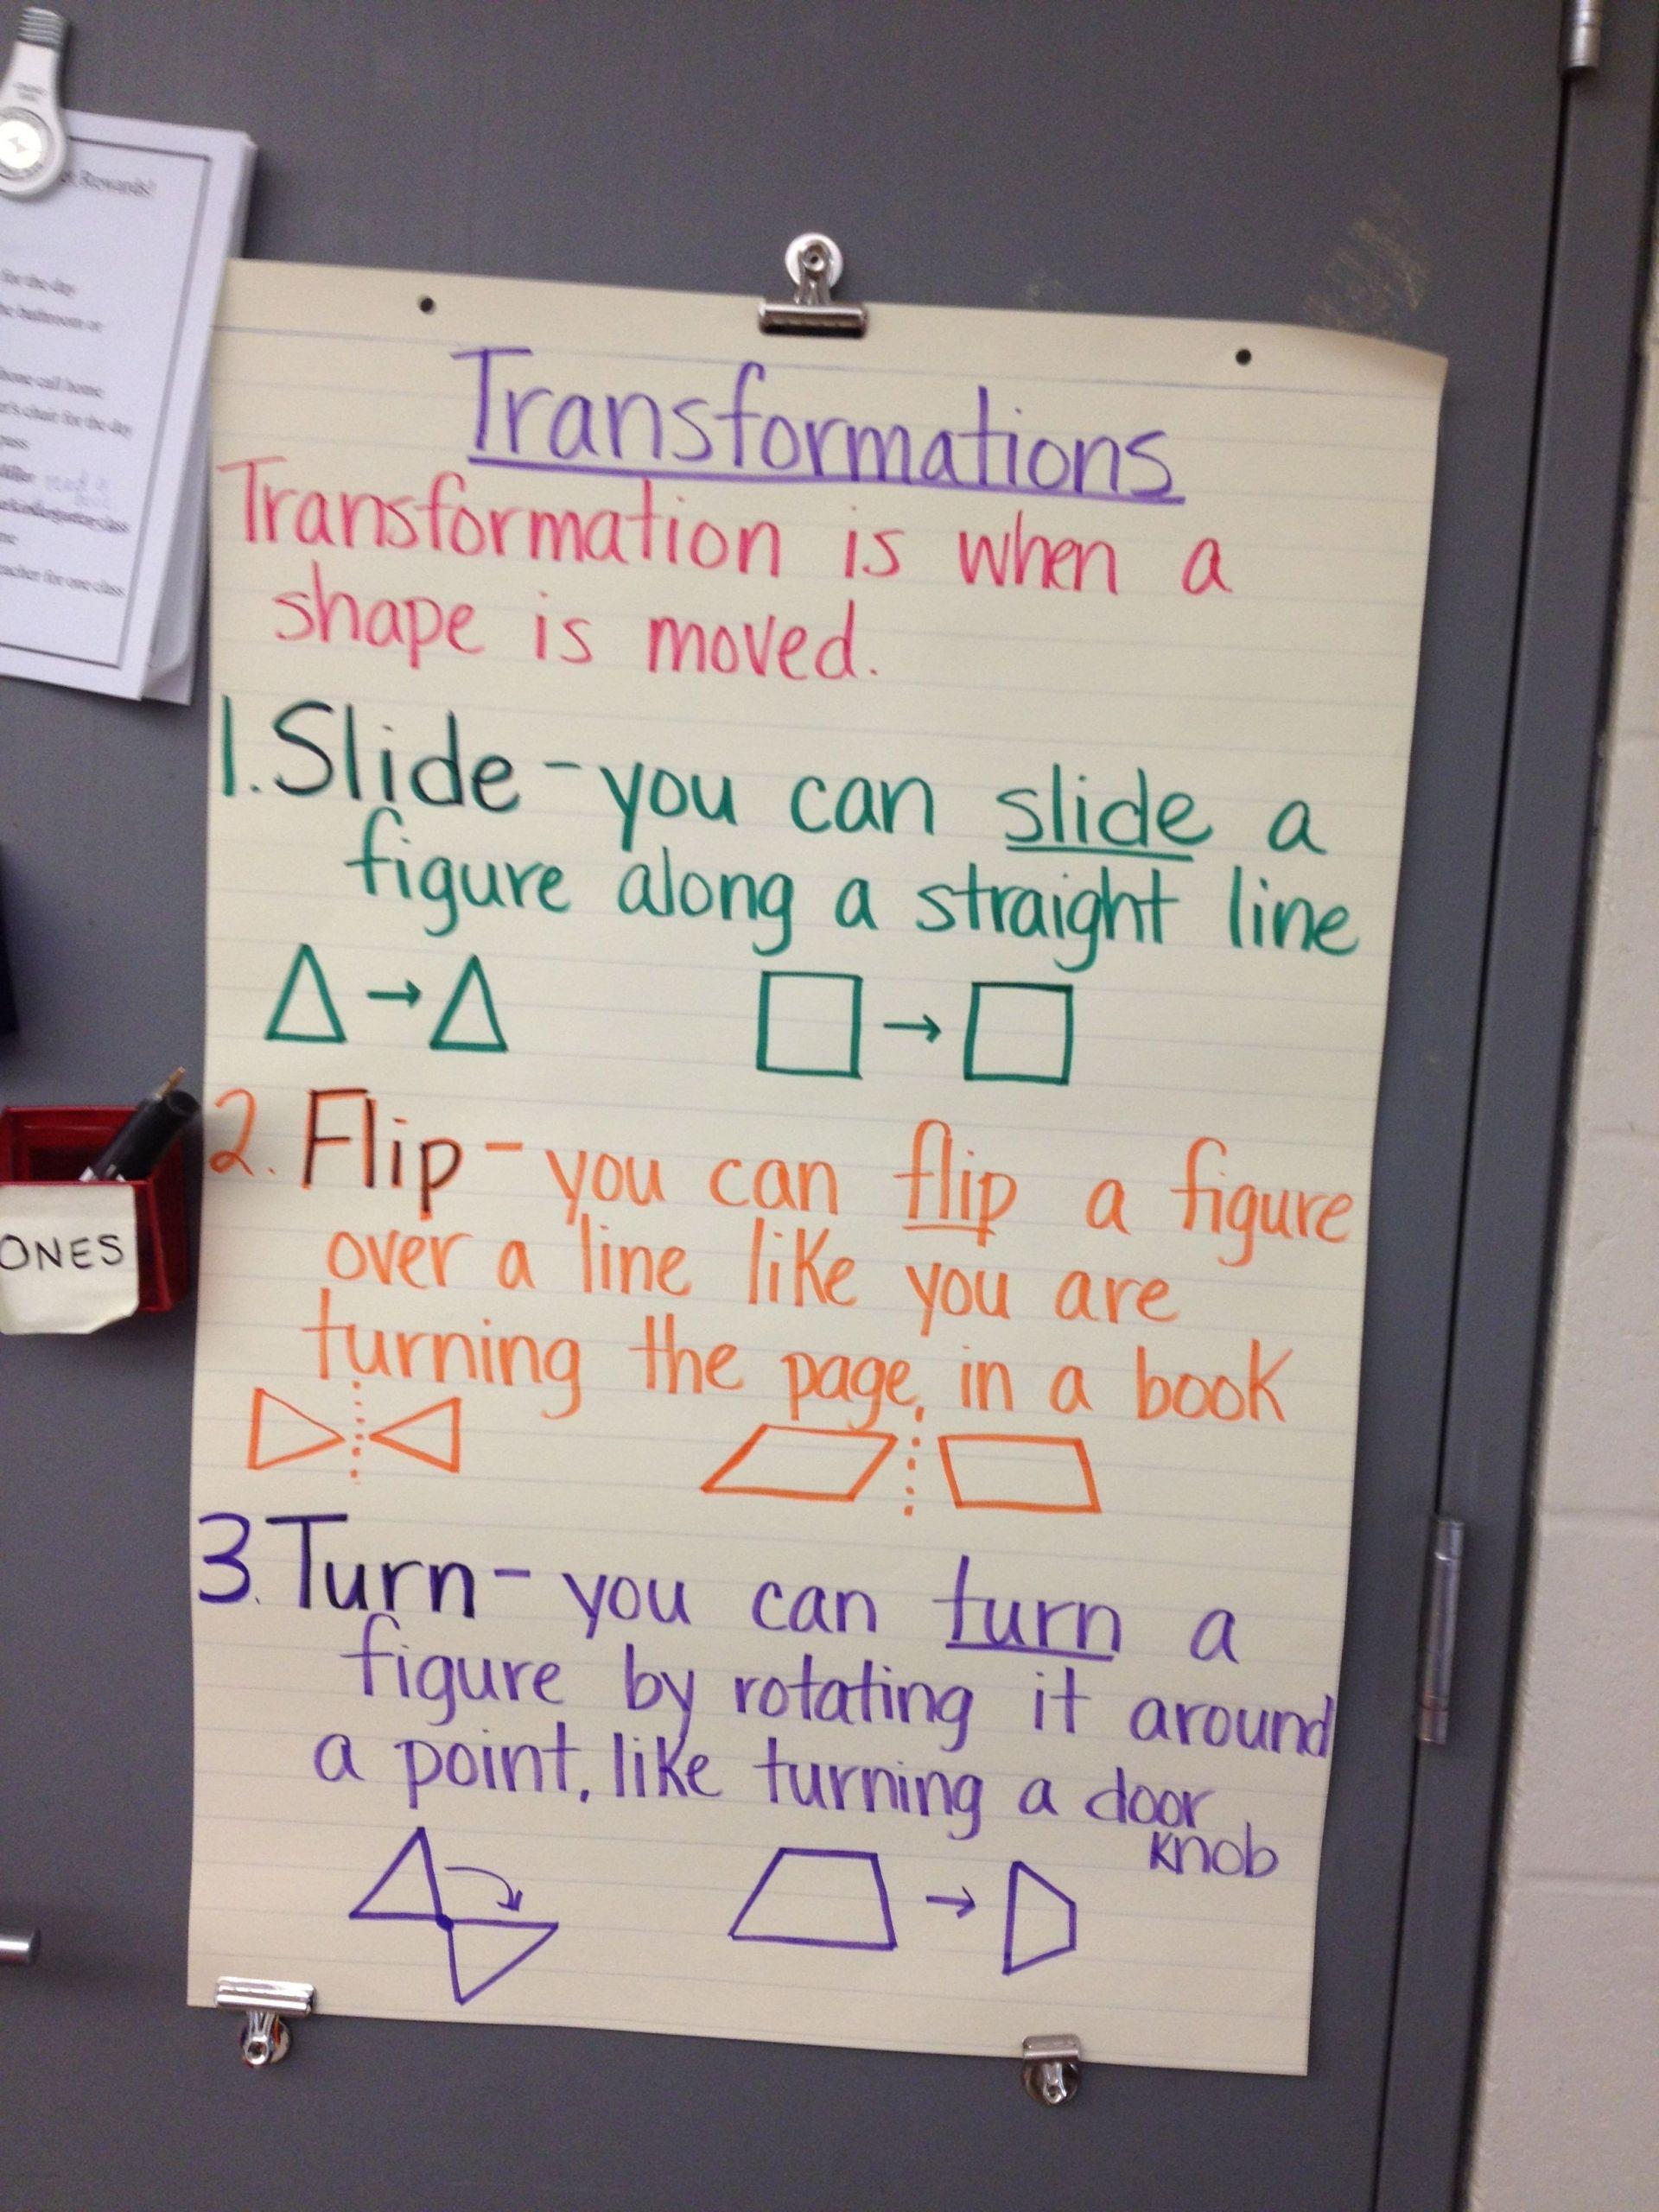 4 Translation Rotation Reflection Worksheet Answers Translations Math Transformations Math Math Worksheets